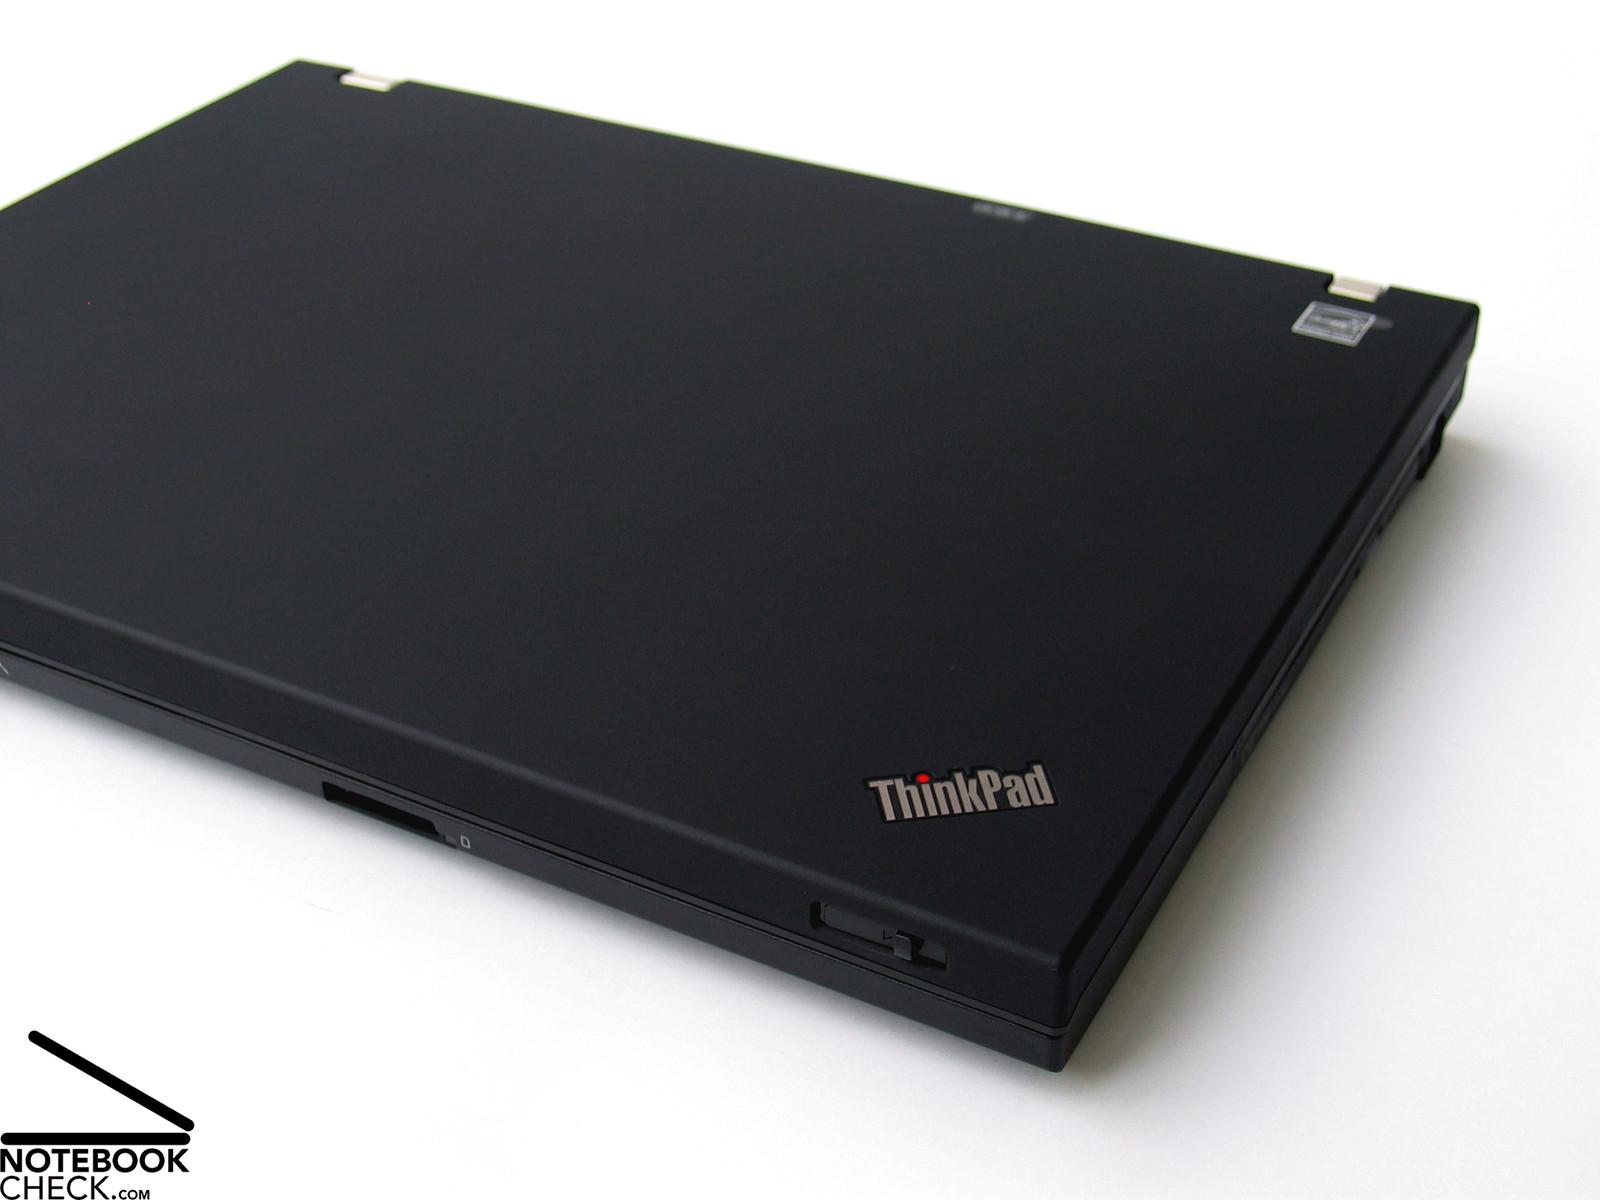 Lenovo t500 audio